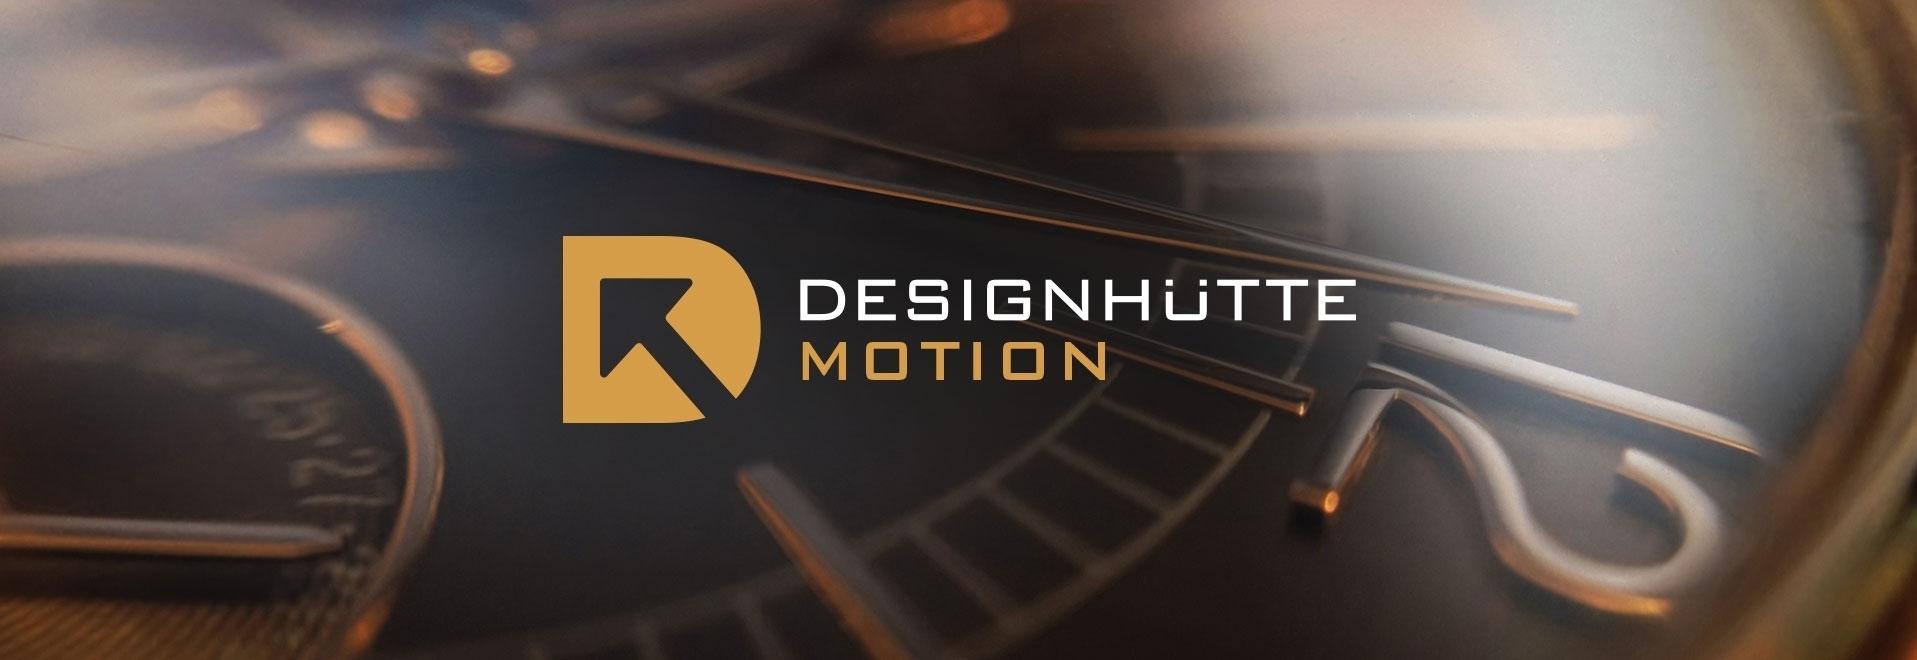 Designhütte Motion Magazin